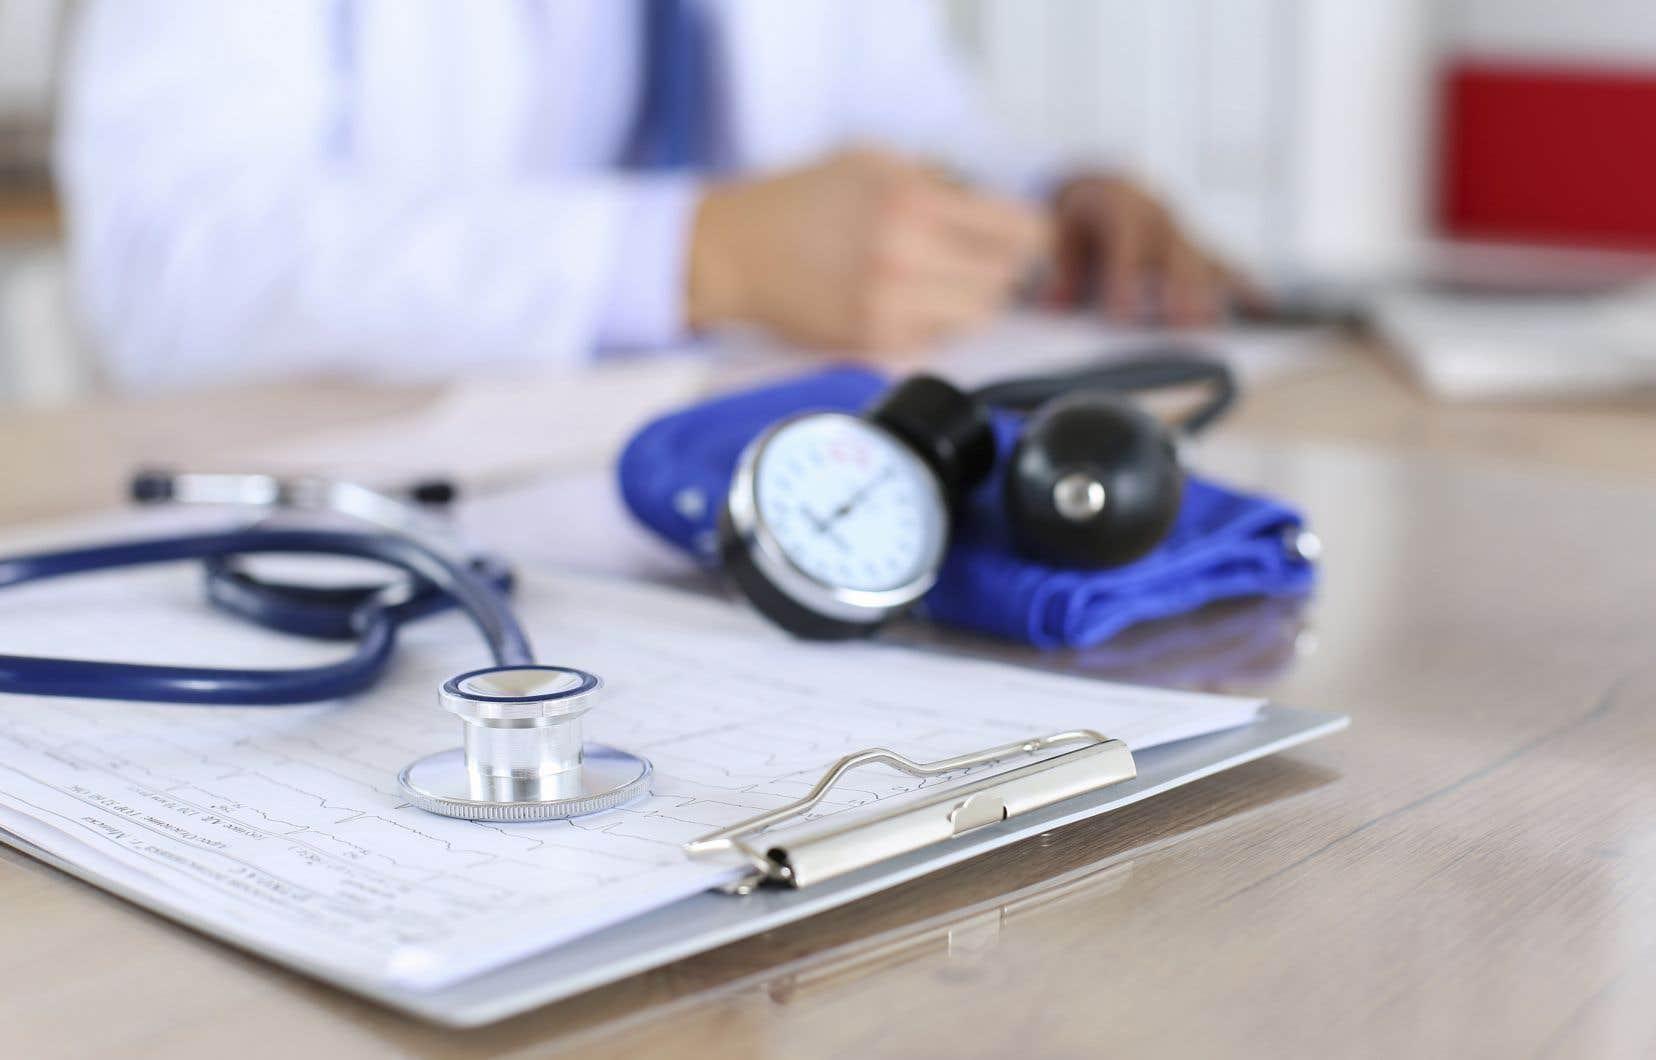 La rémunération annuelle des médecins de famille devrait s'établir dans une fourchette de 255959$ à 292419$, soutientAlain Dubuc, l'auteur du rapport.